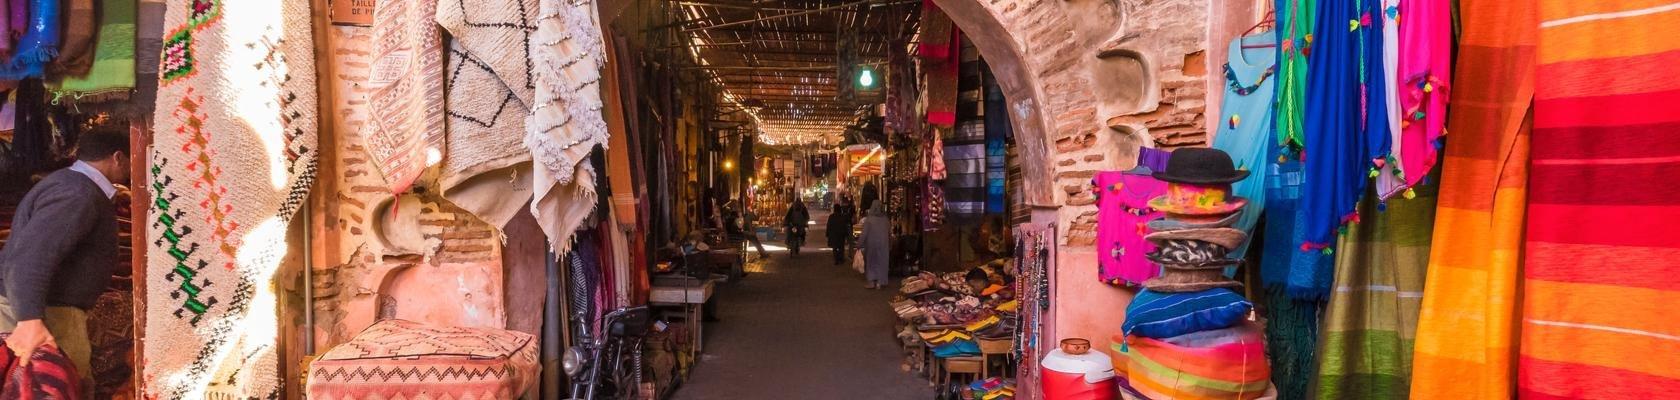 De kleurrijke souks van Marrakech